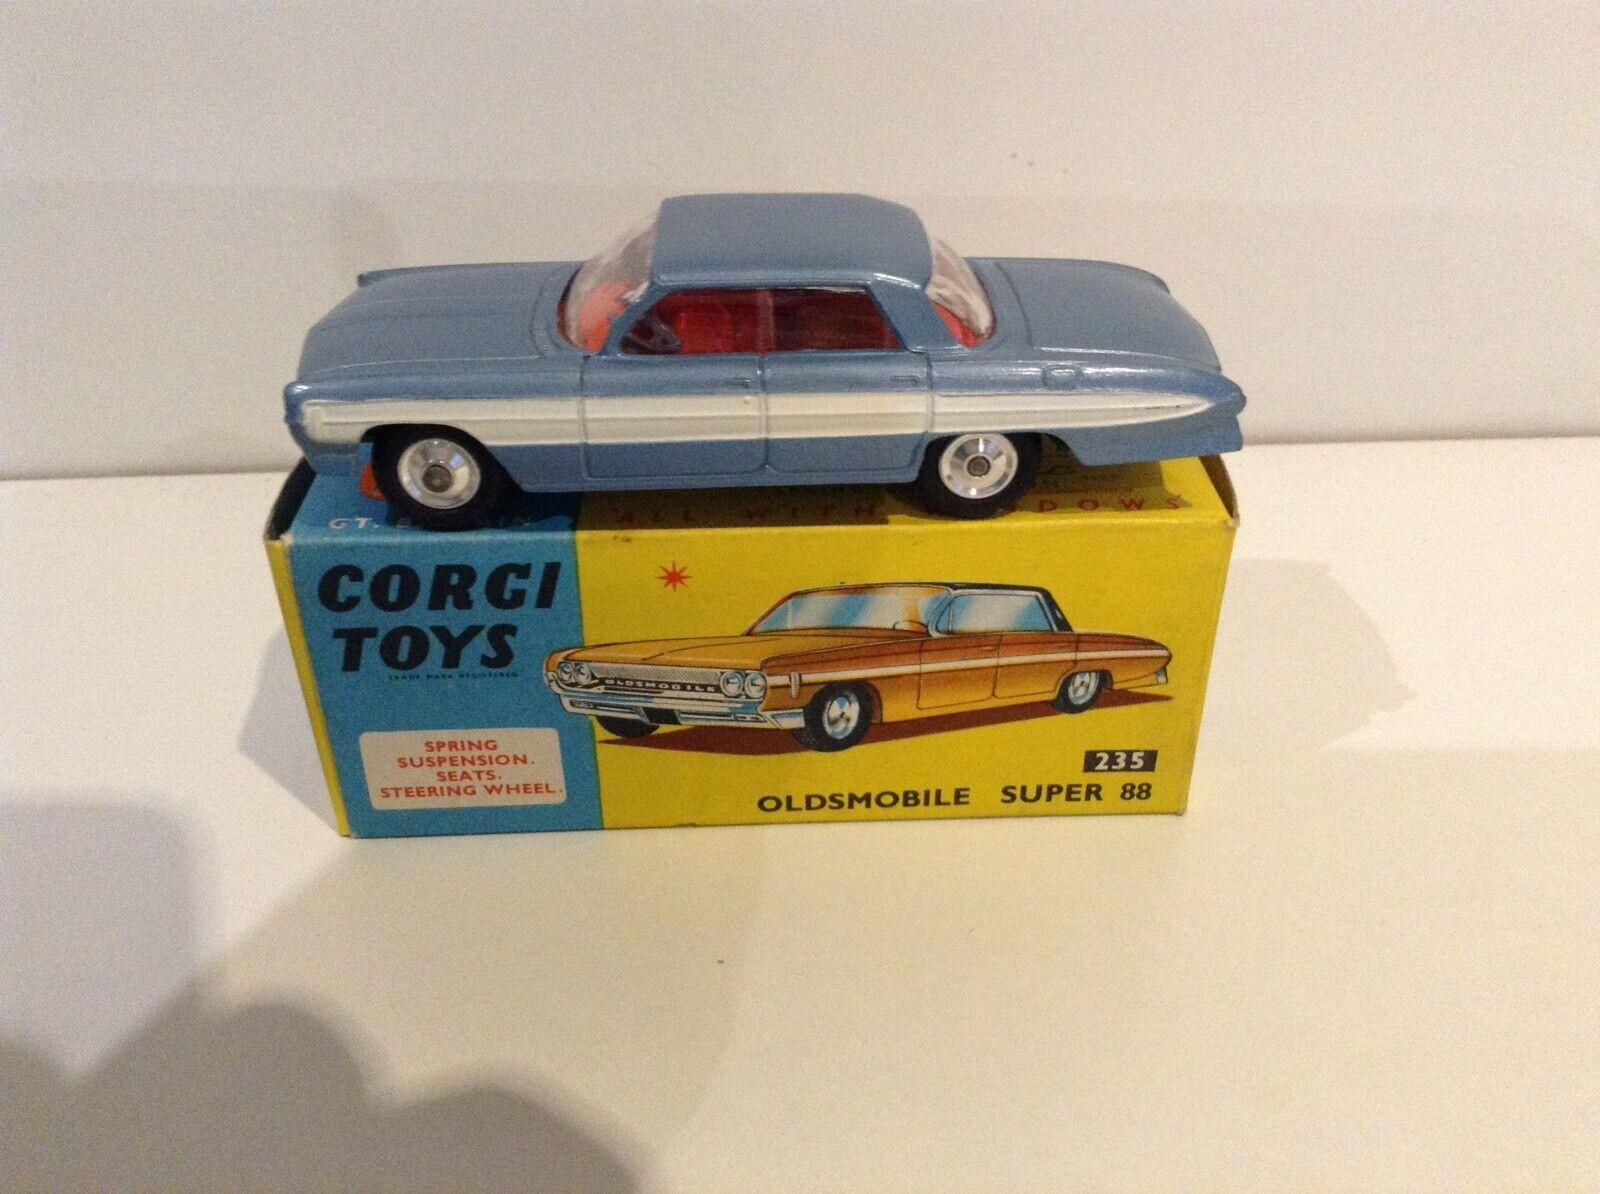 CORGI TOYS 235 Oldsmobile Super 88 Coffret tous  Original  magasin en ligne